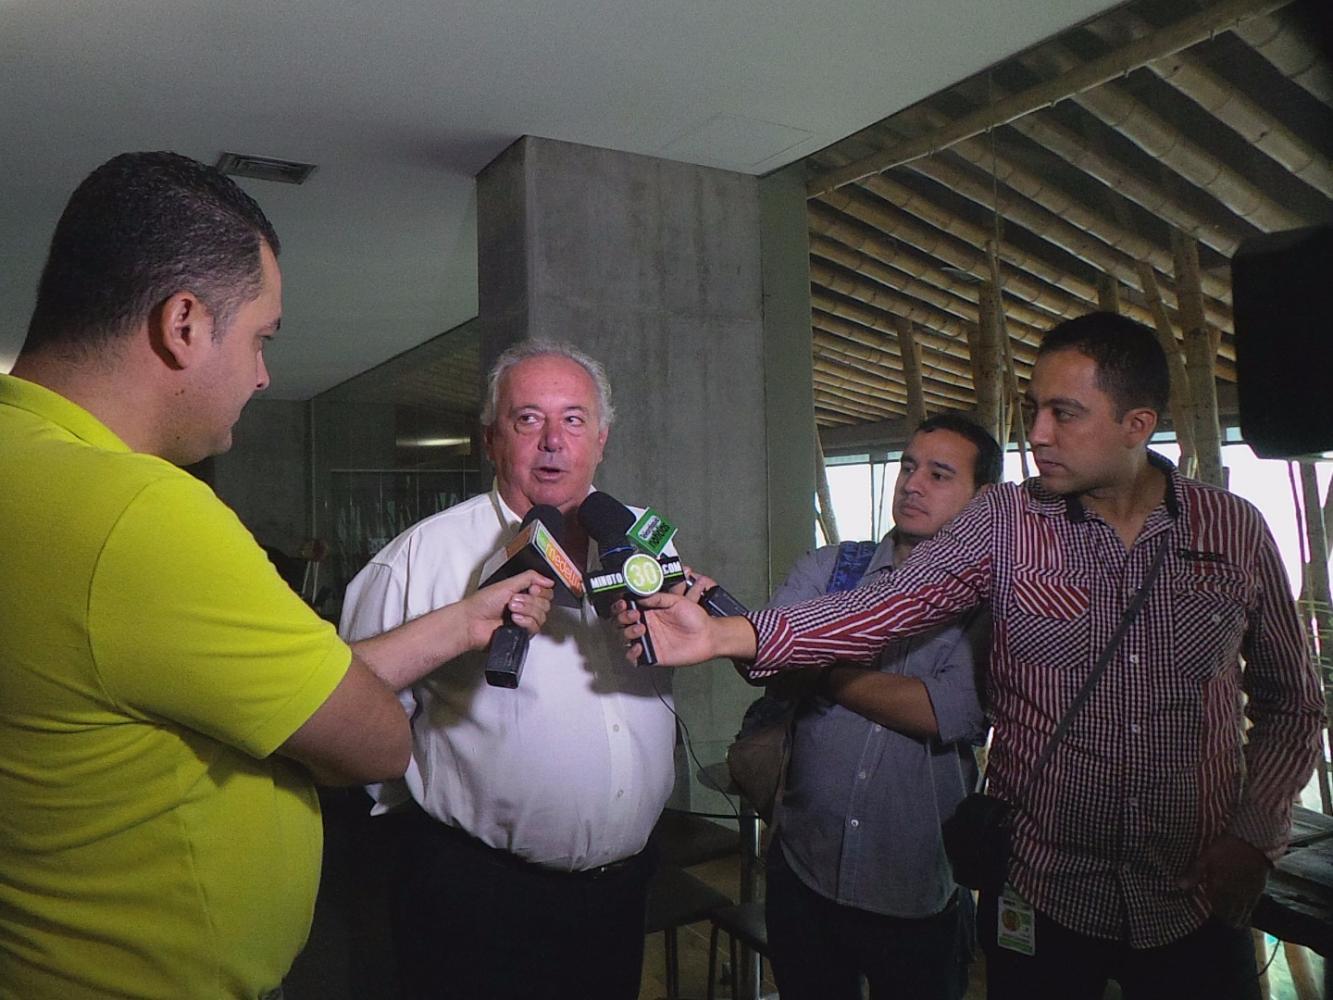 Torneo Internacional Medellín Golf Tour promueve turismo en Medellín